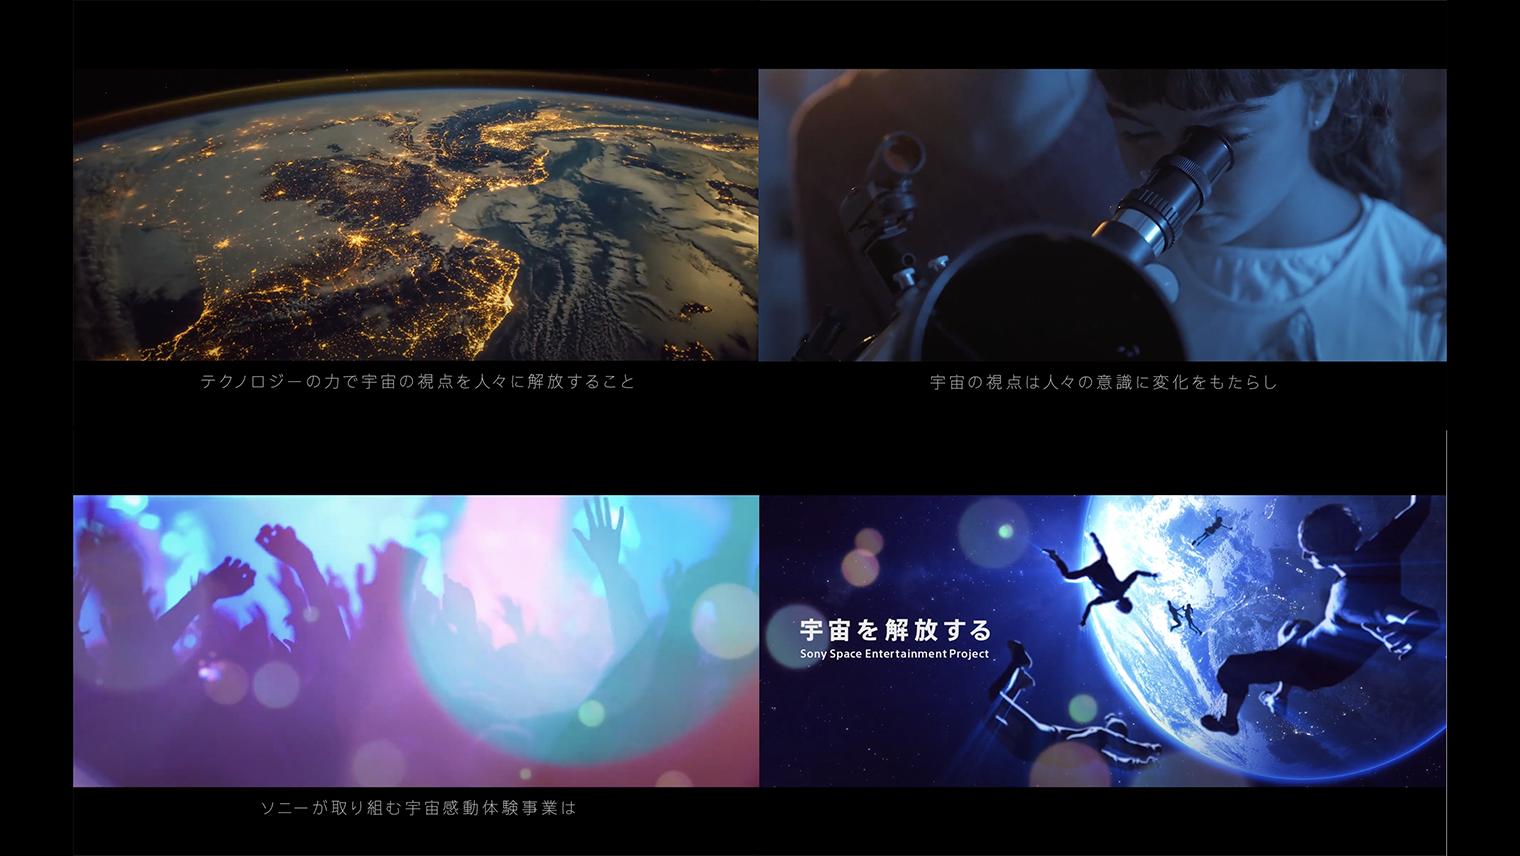 宇宙から見た地球、顕微鏡をのぞき込む研究者、ライブ会場で人々が熱狂している、キービジュアルの画像